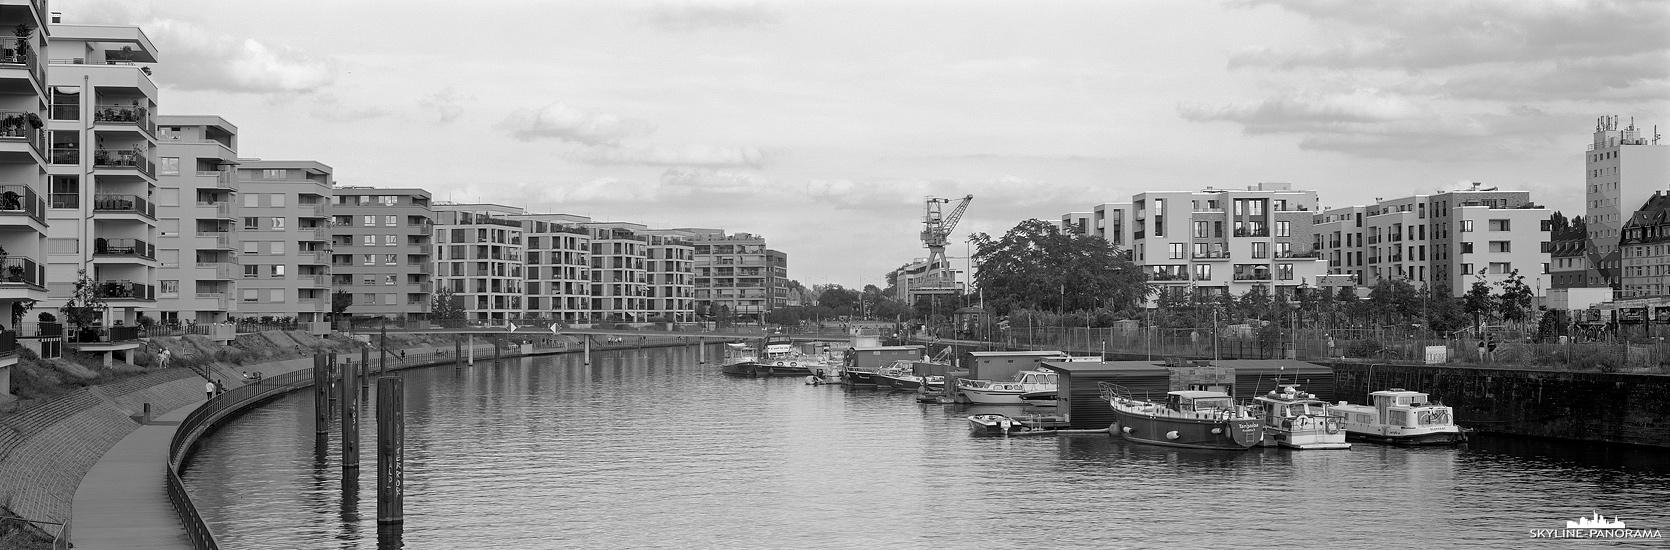 Stadtviertel Hafen Offenbach (p_01199)